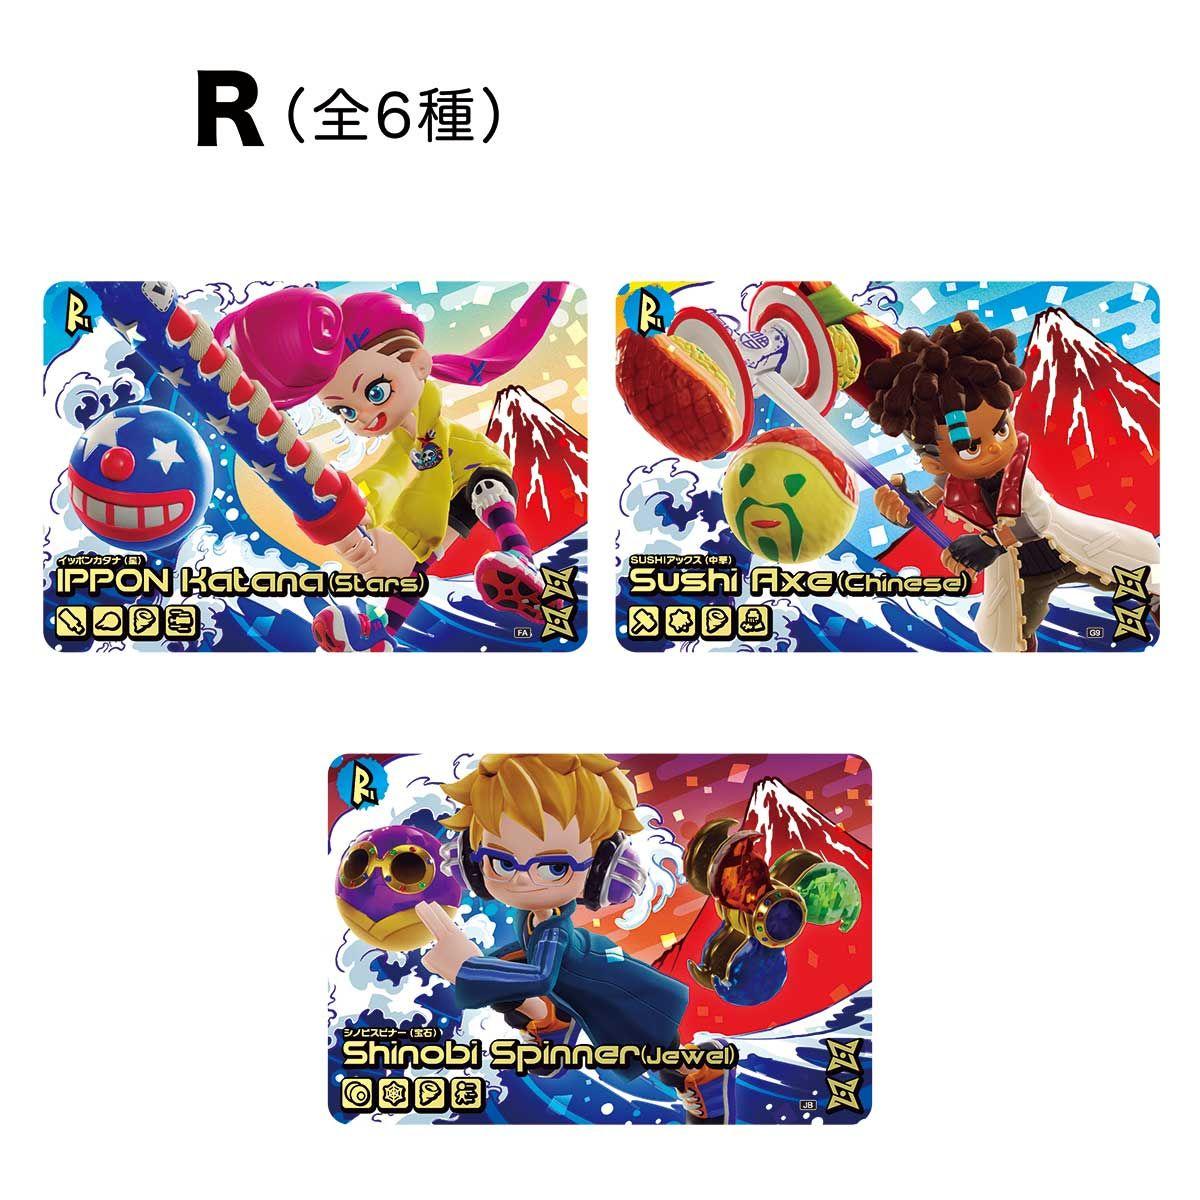 ニンジャラコレクションカード Vol.1